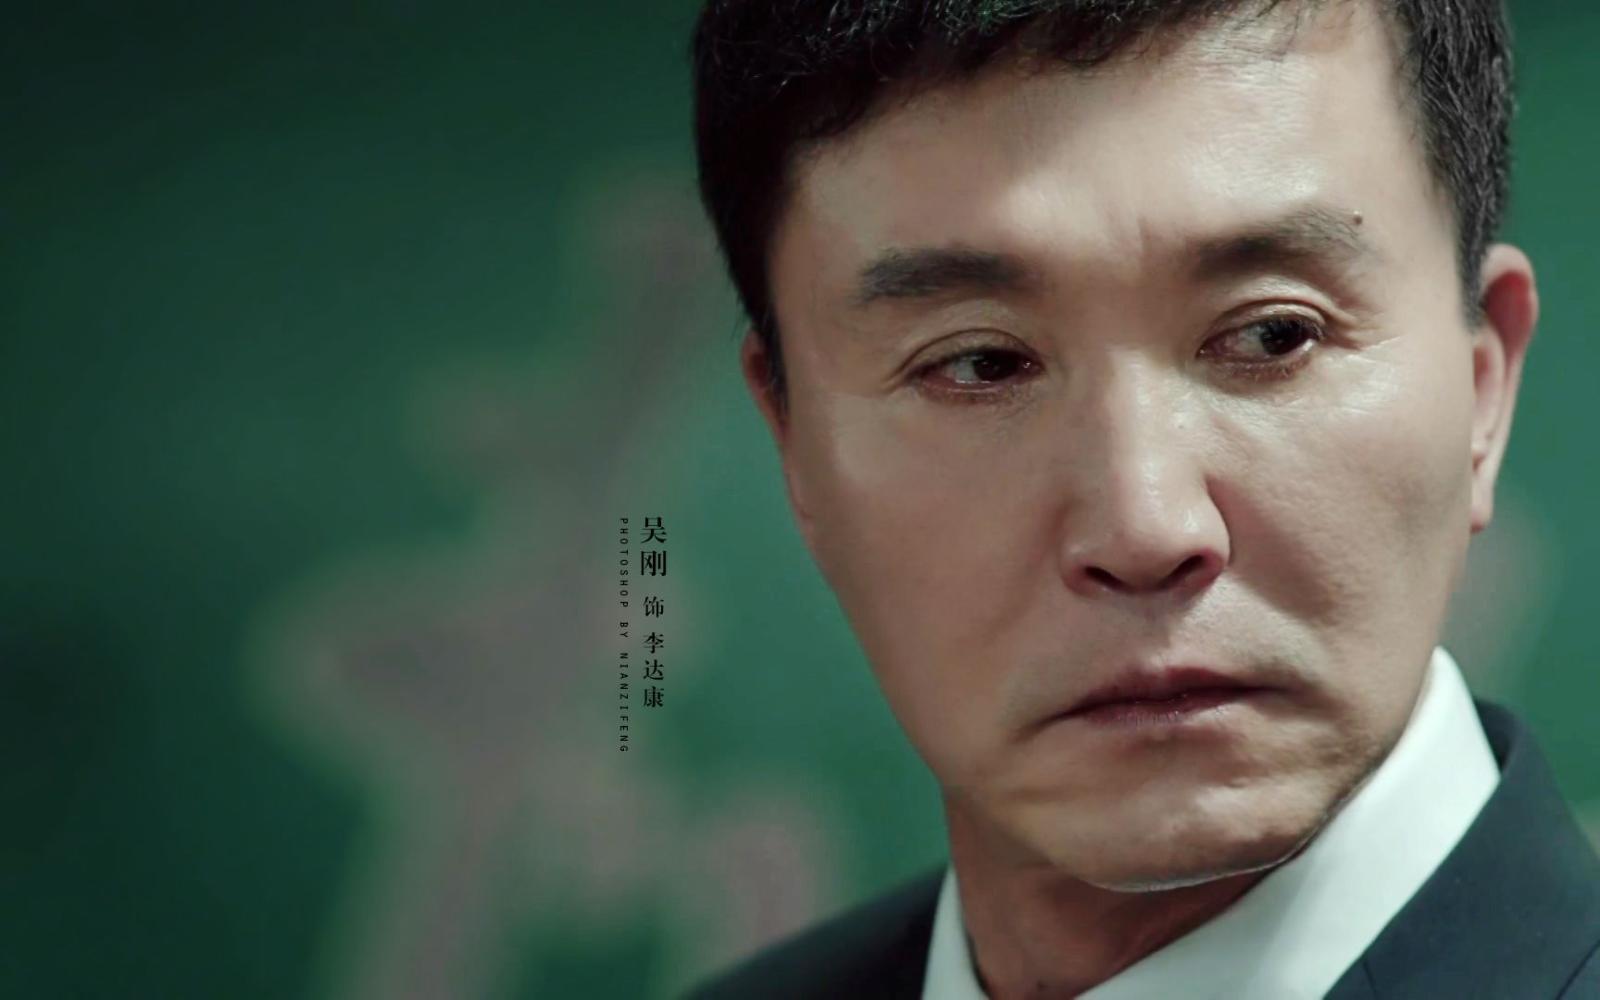 面瘫表情包_他仅靠着一张没有表情的面瘫脸,就征服了观众的演员